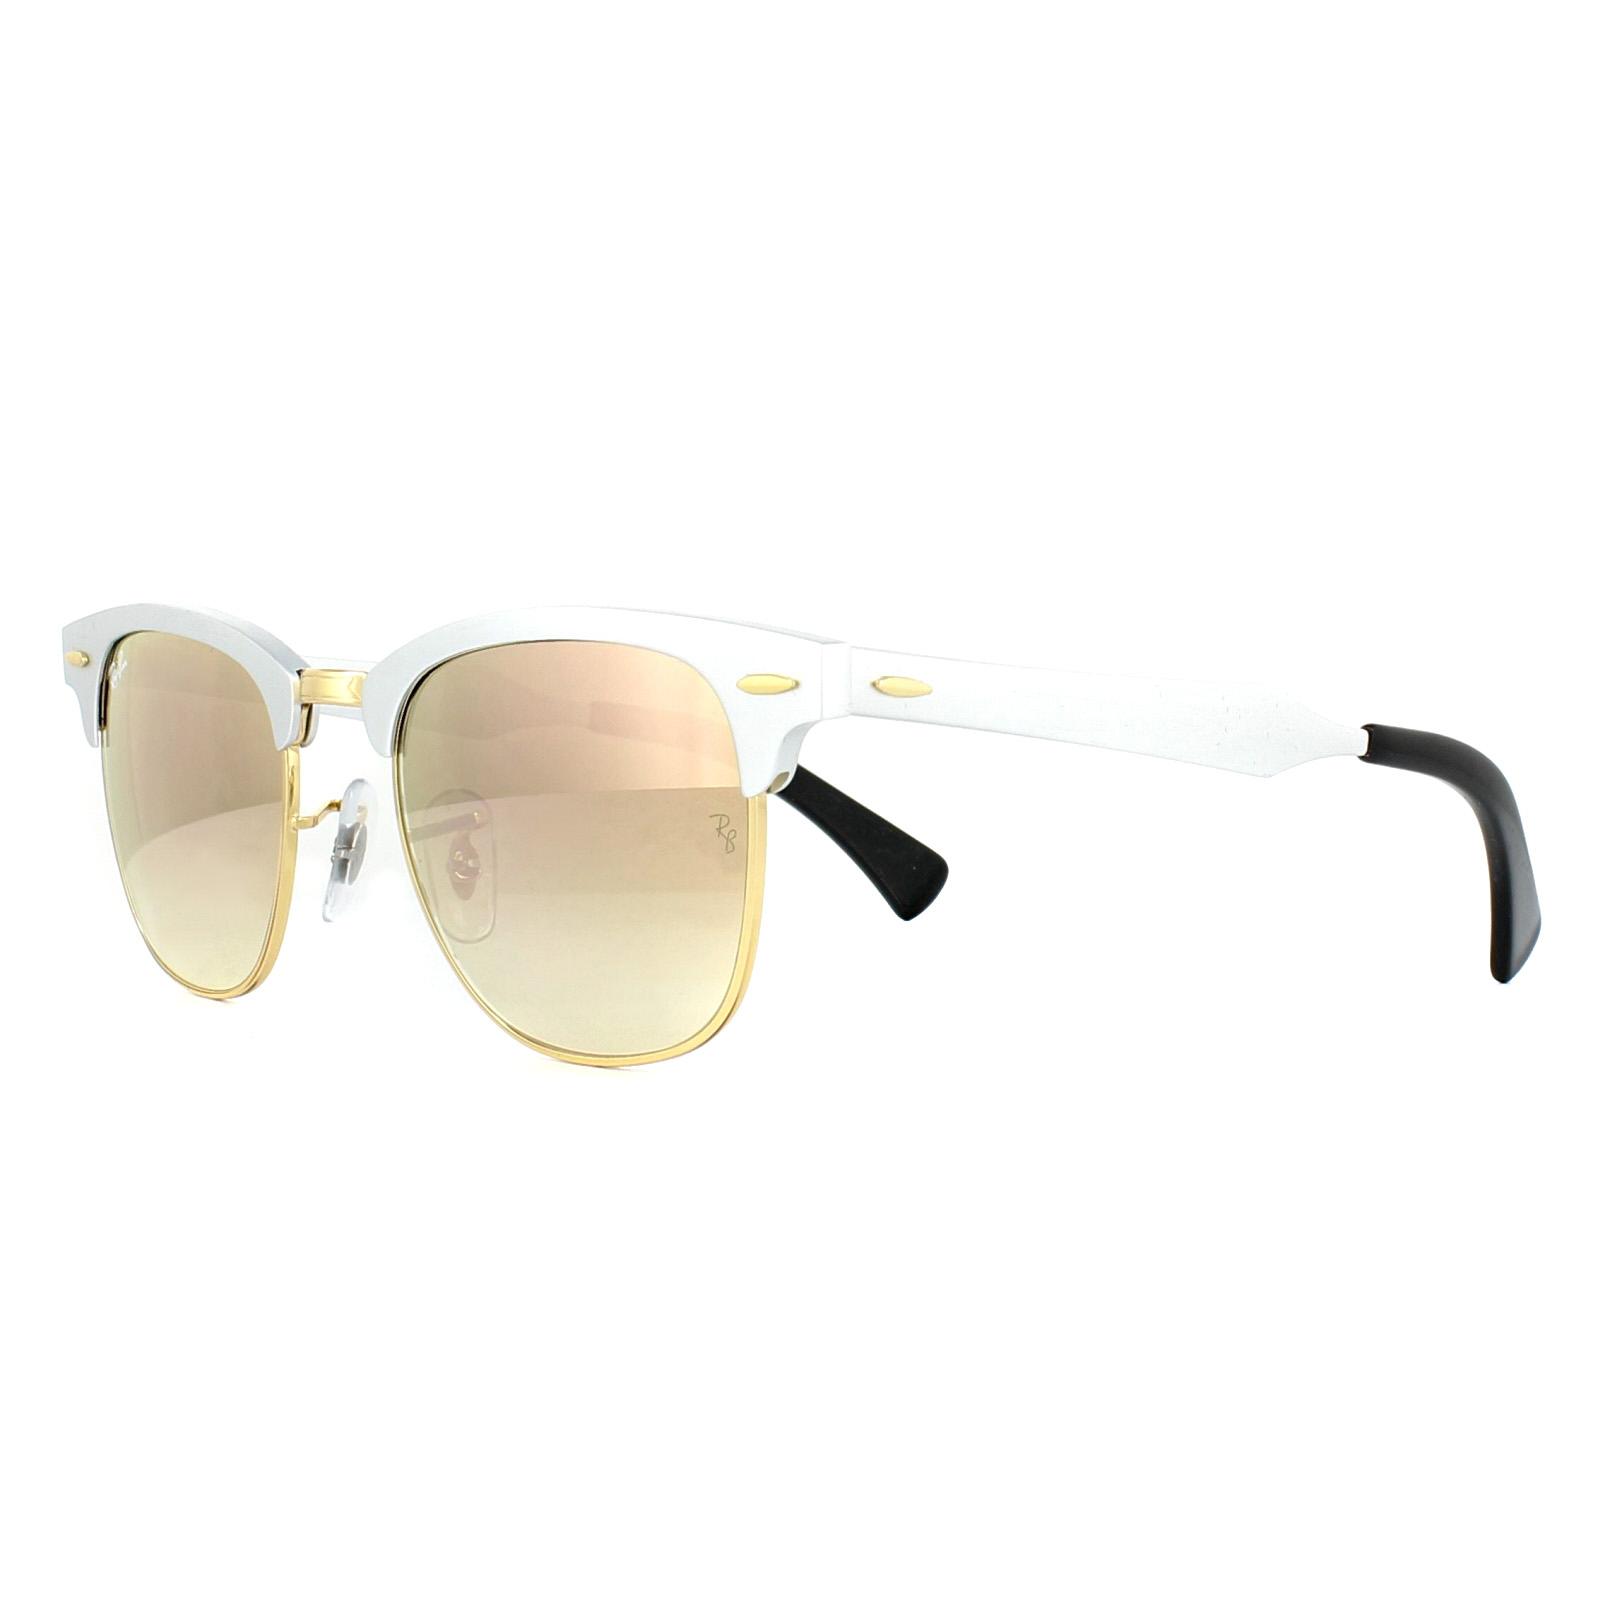 c75c2275e7 Sentinel Ray-Ban Sunglasses Clubmaster Aluminium 3507 137 7O Silver Copper  Mirror 49mm